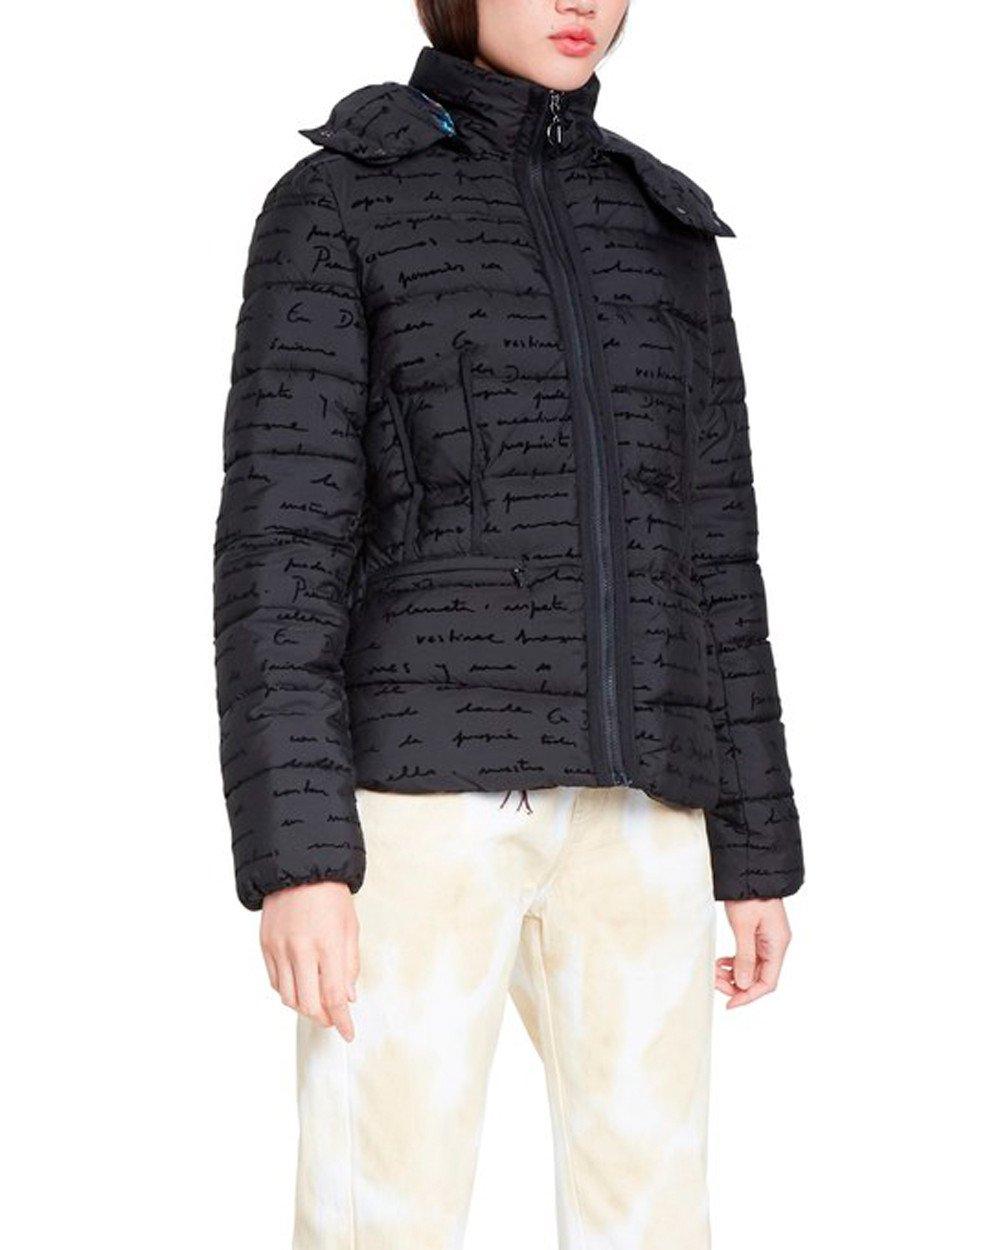 Desigual Women's Jacket Various Colours 179906 - black M